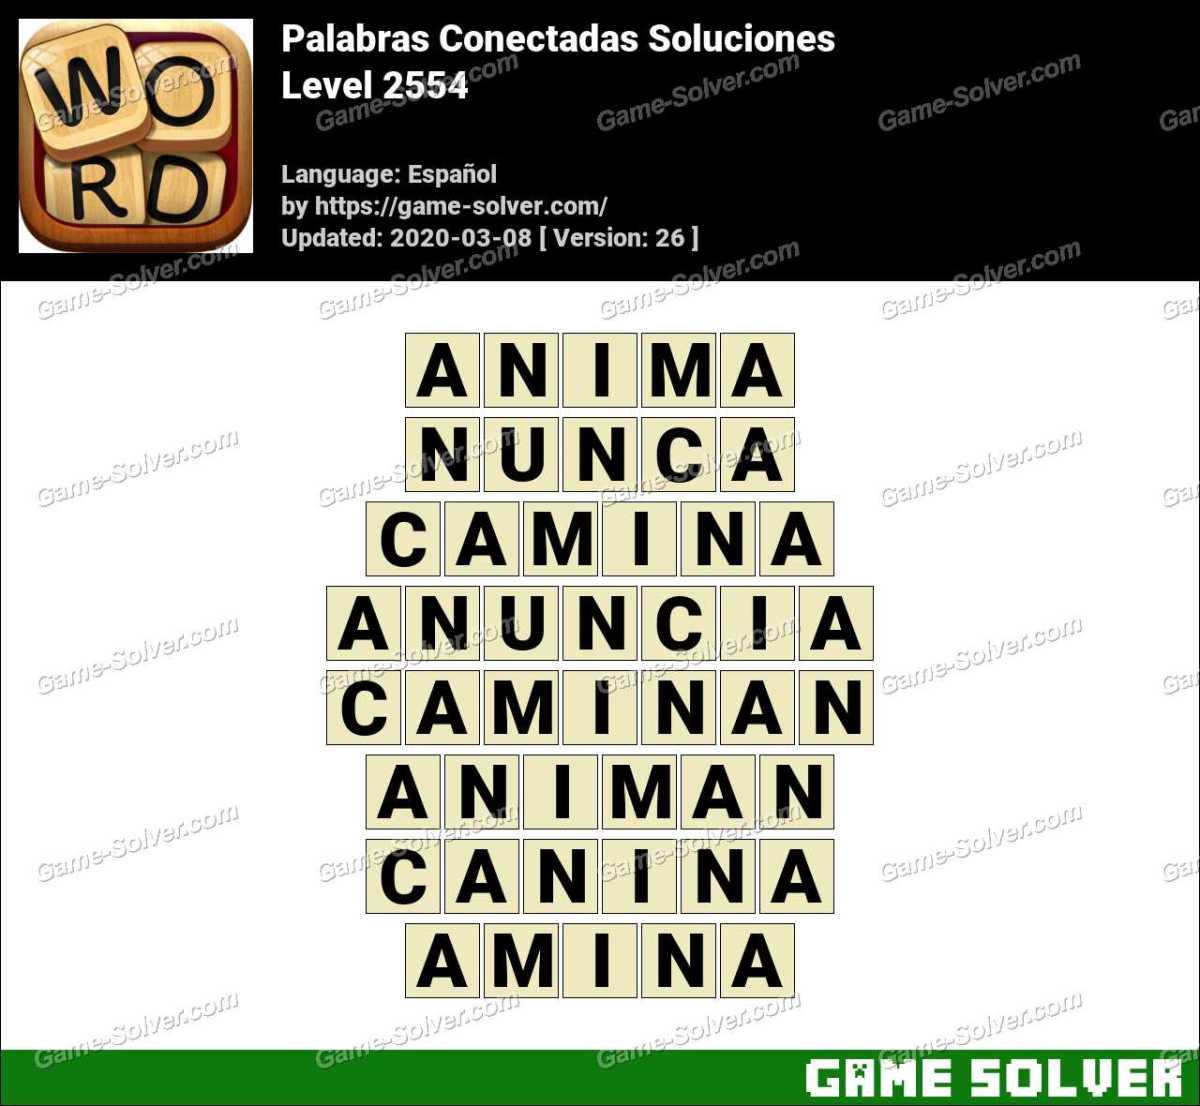 Palabras Conectadas Nivel 2554 Soluciones